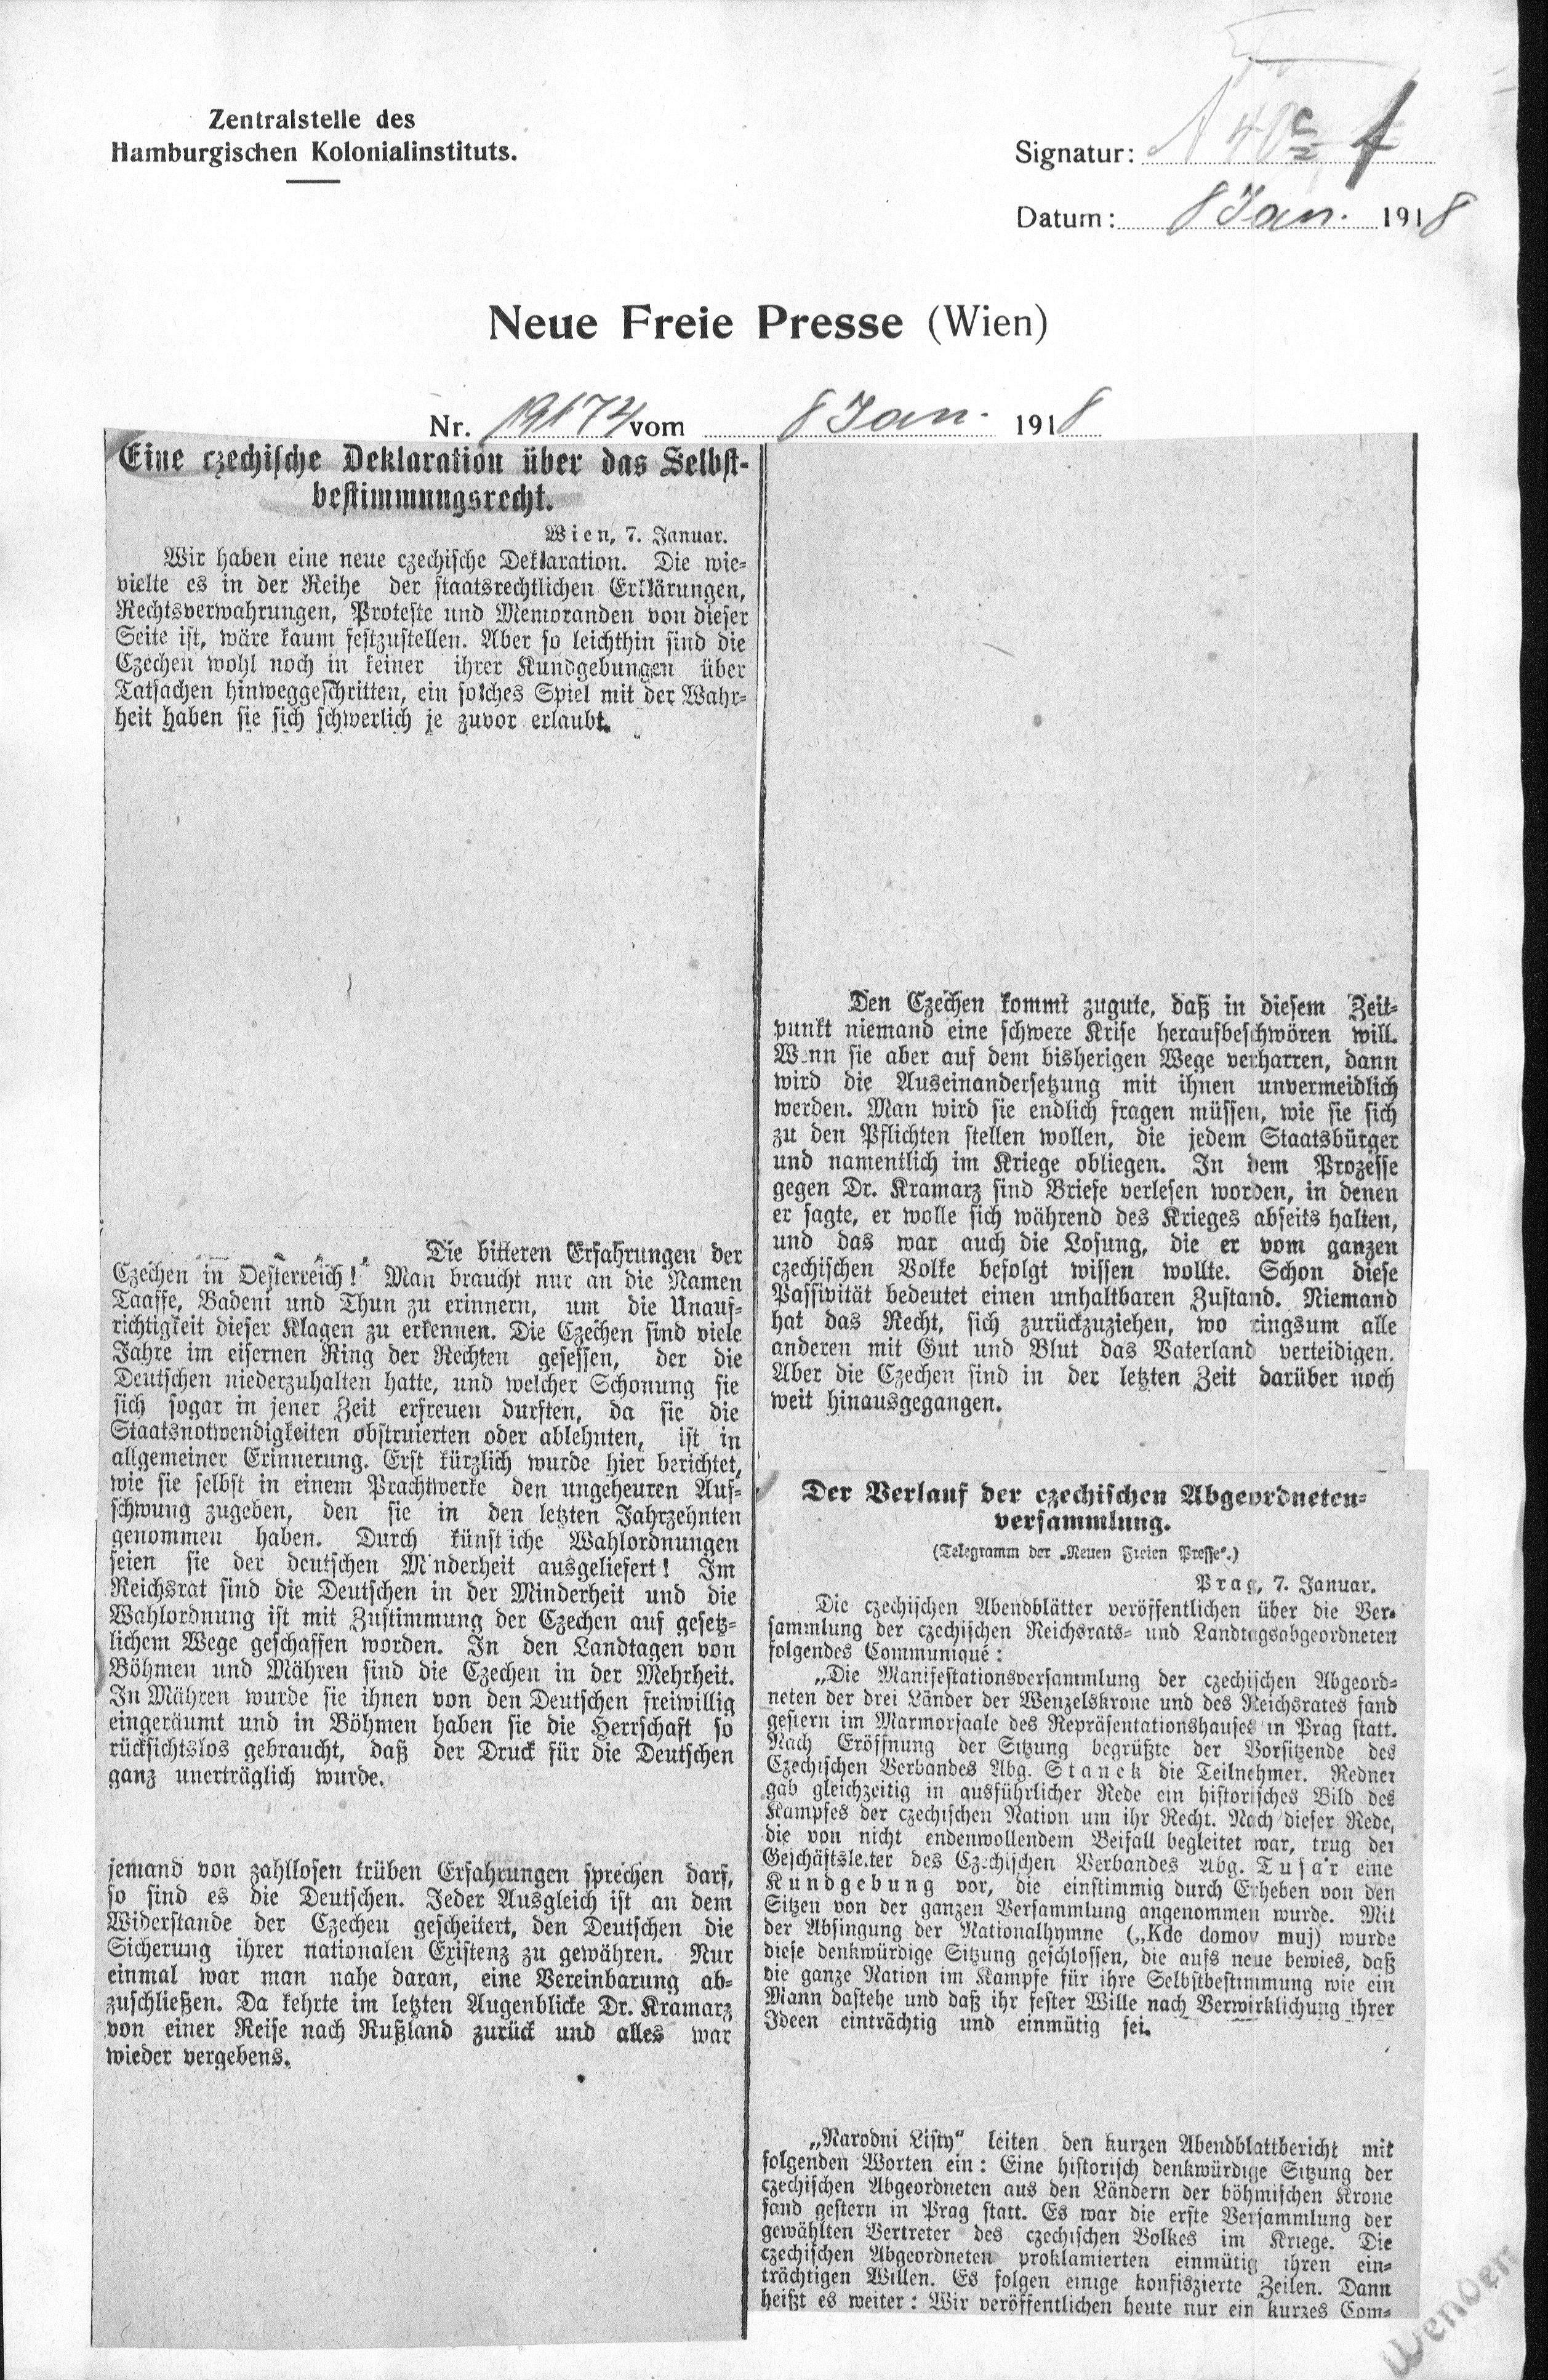 Neue Freie Presse (Wien) zur Staatsgründung 1918